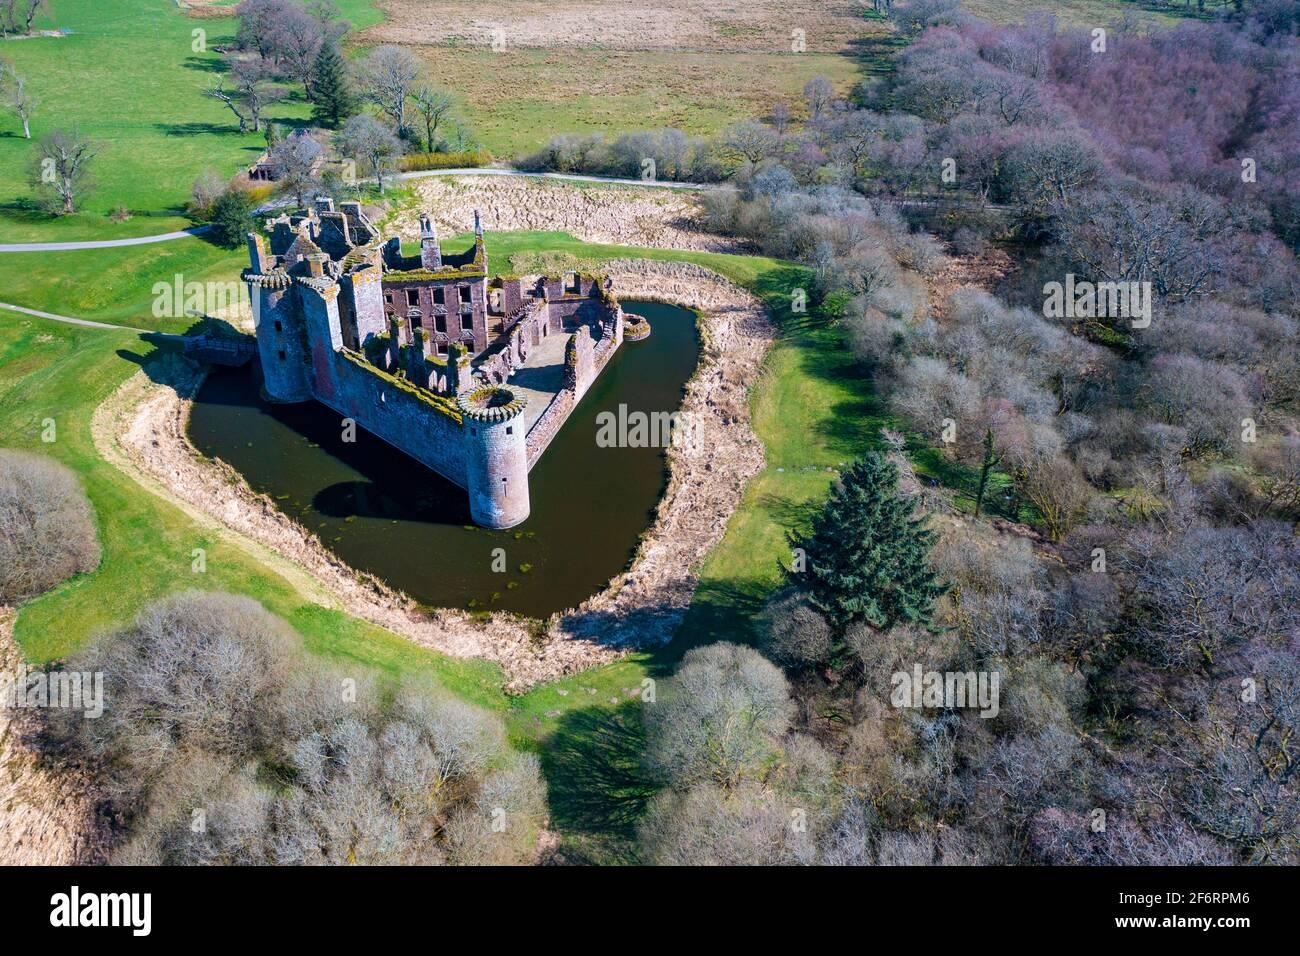 Vue aérienne du château de Caerlaverock à Dumfries et Galloway, Écosse, Royaume-Uni Banque D'Images